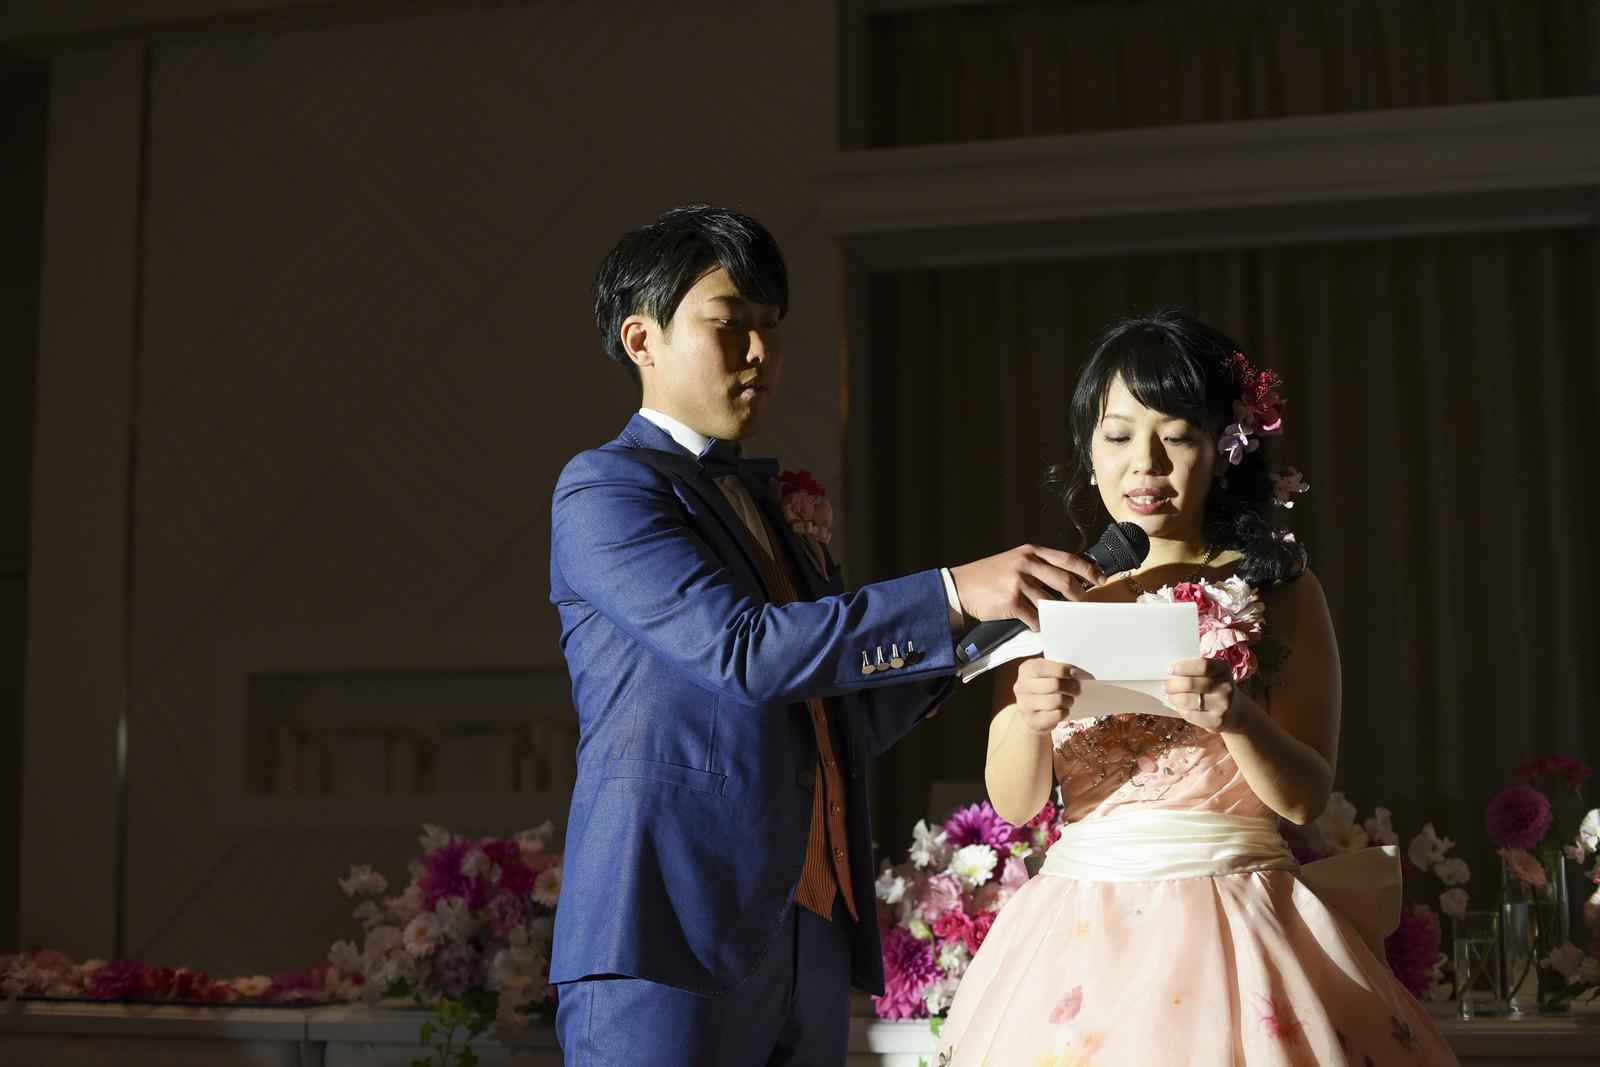 徳島市の結婚式場ブランアンジュで手紙を読む新婦